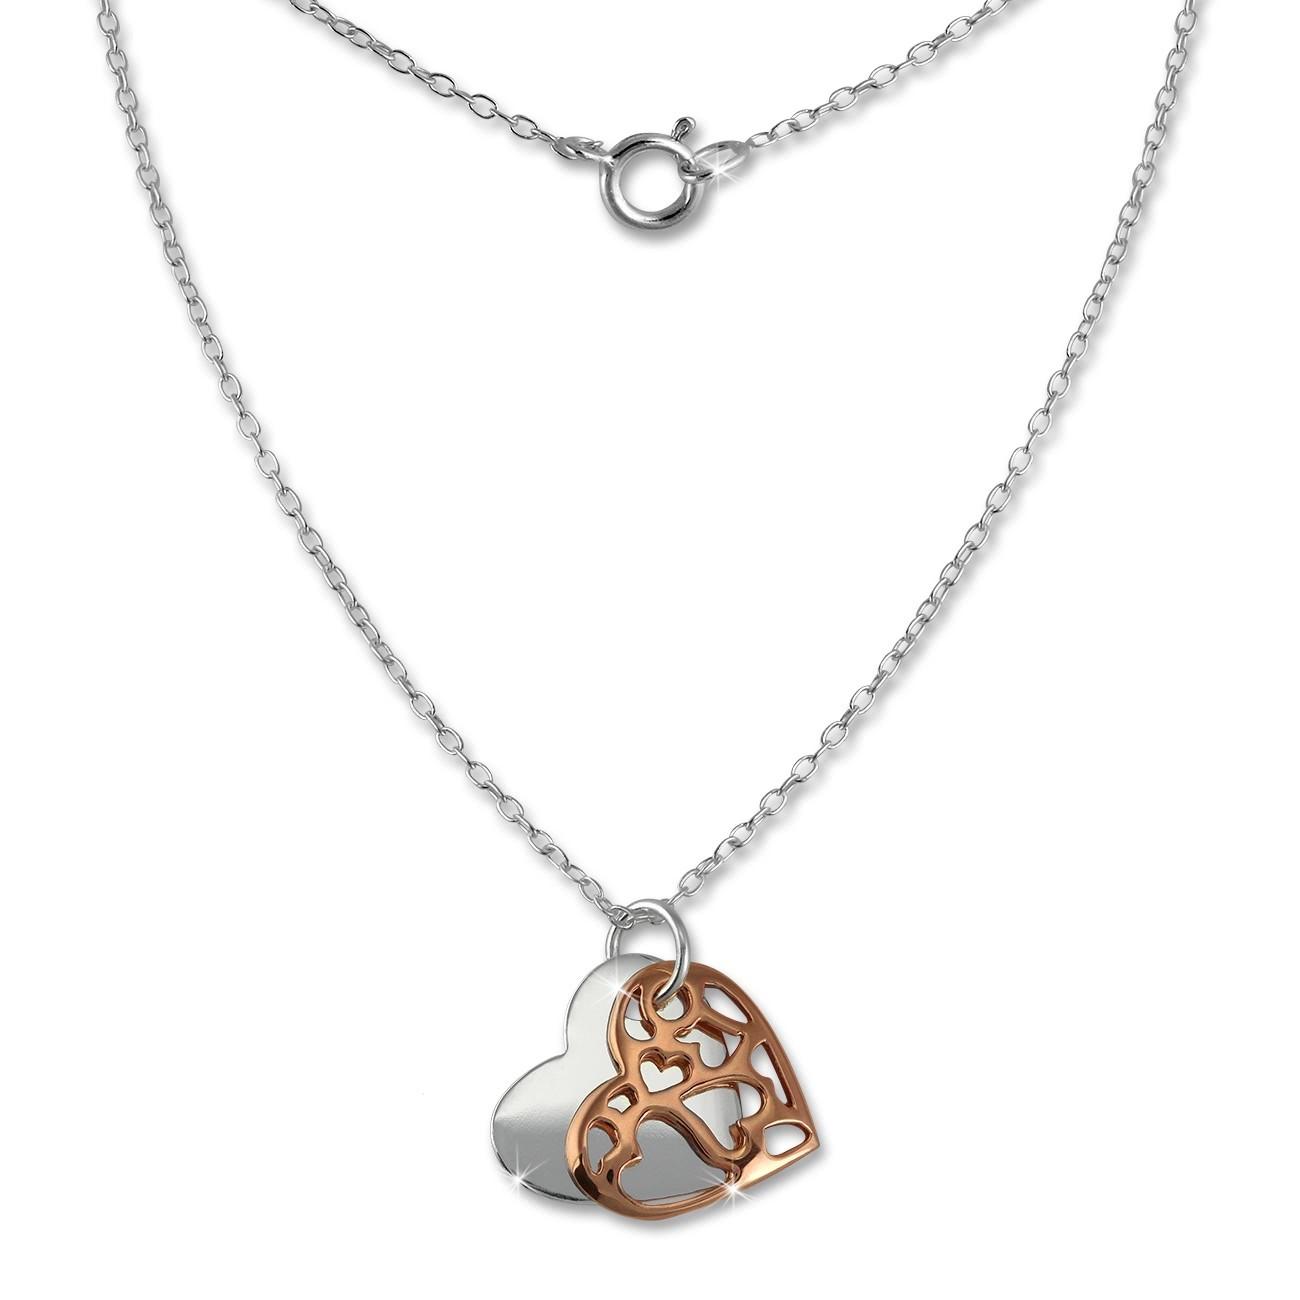 SilberDream Kette Doppel Herz rose vergoldet 925 Sterling Silber 45cm SDK8007E